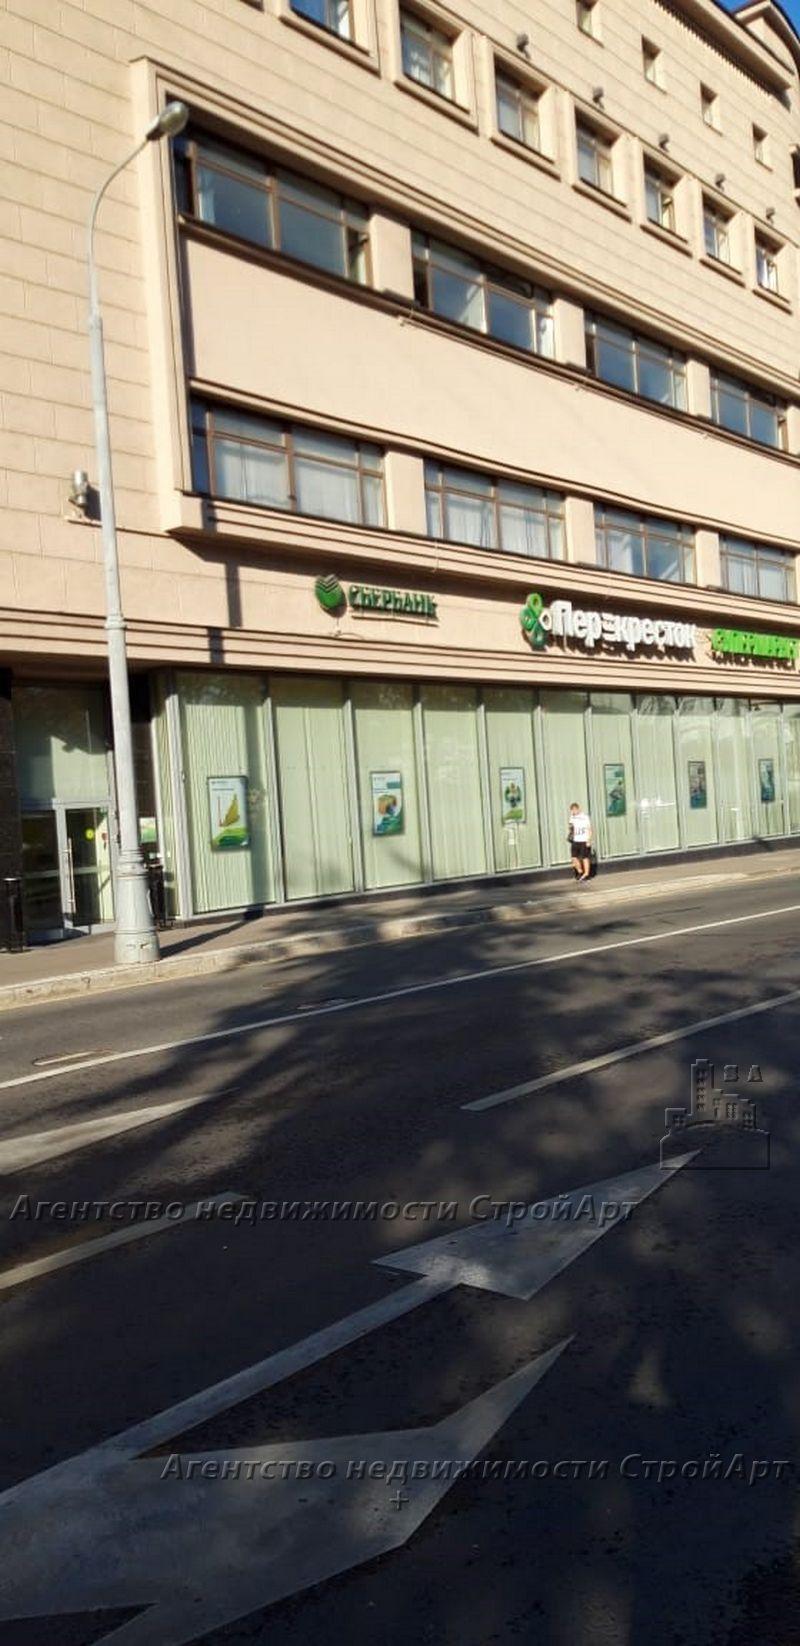 5206 Аренда помещения под банк ул. Люсиновская 70с2, 330кв.м, без комиссии